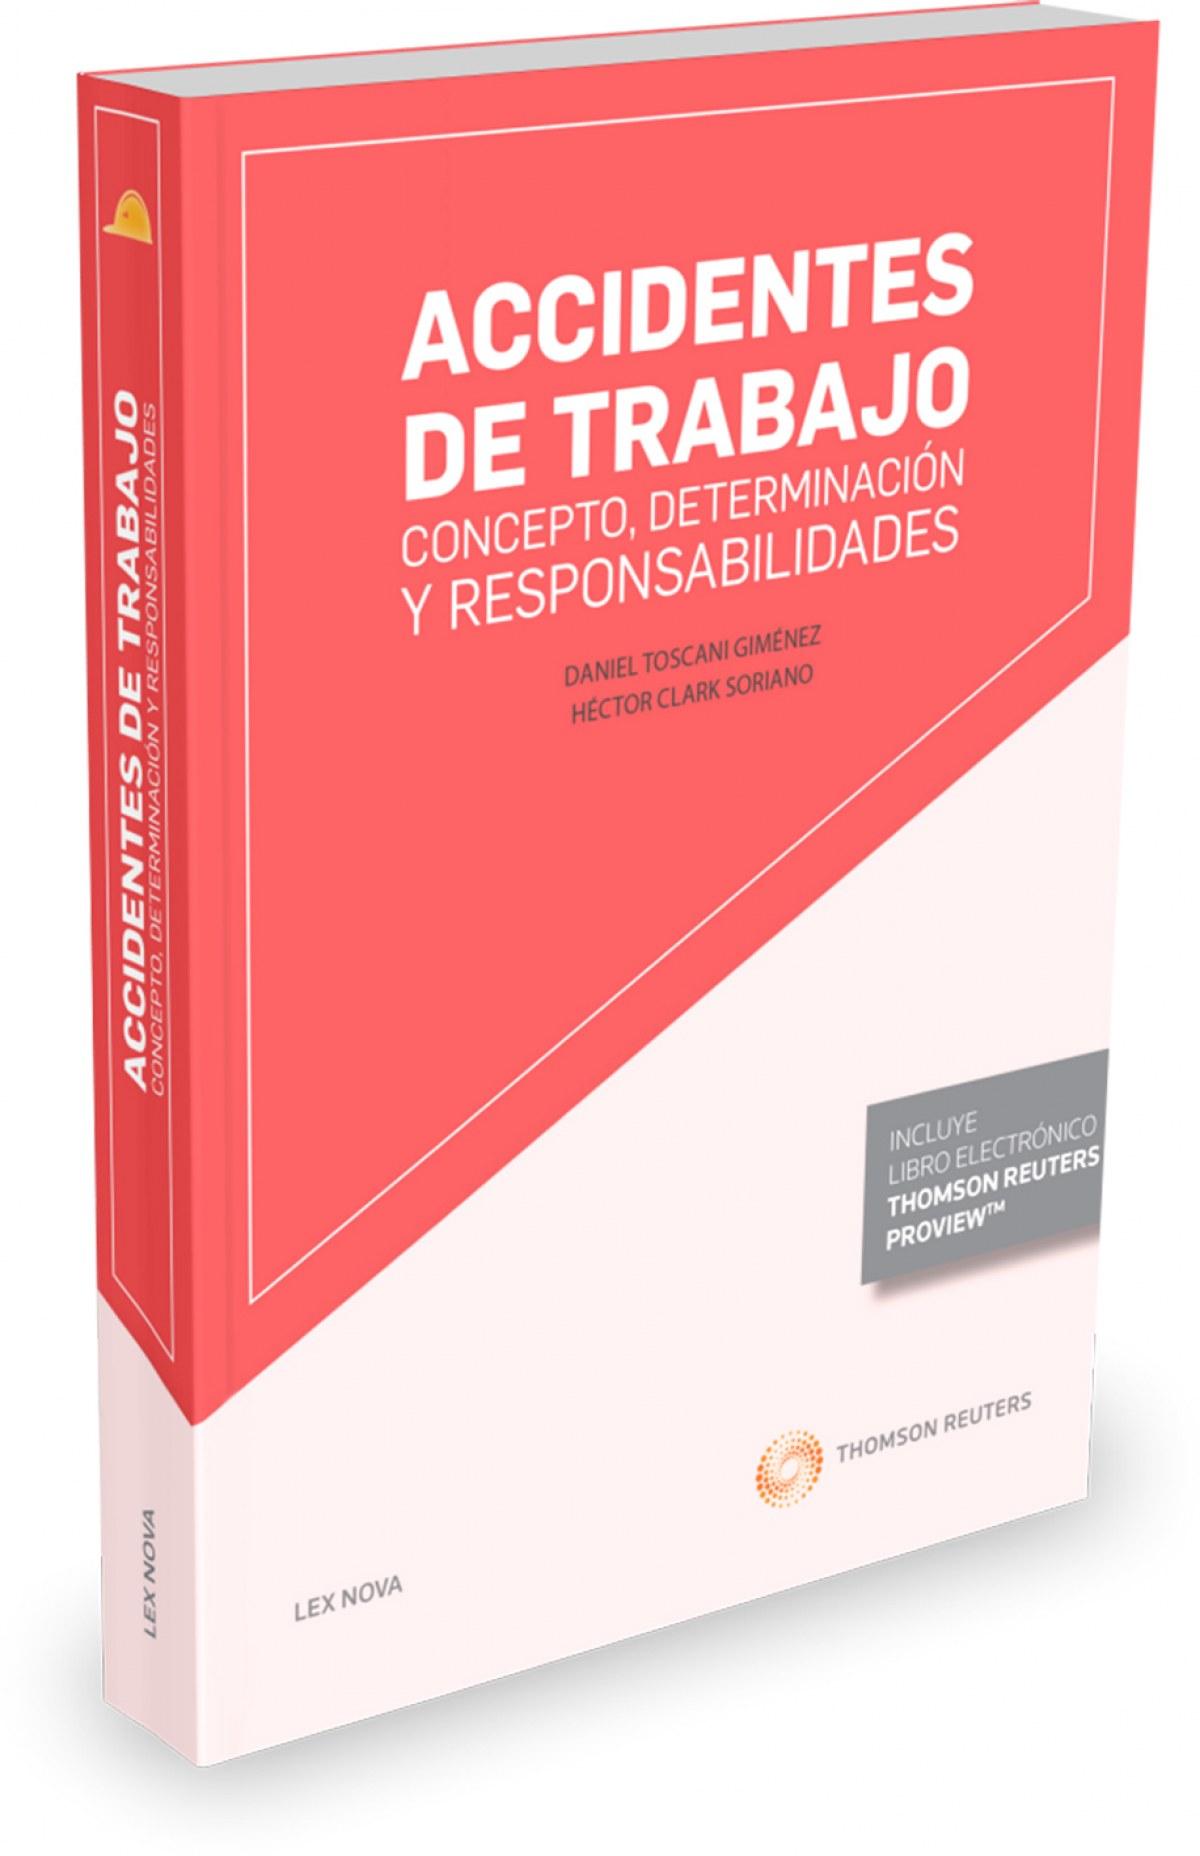 ACCIDENTES DE TRABAJO: CONCEPTO, DETERMINACION Y RESPONSABILIDADES (PAPEL + E-BOOK)